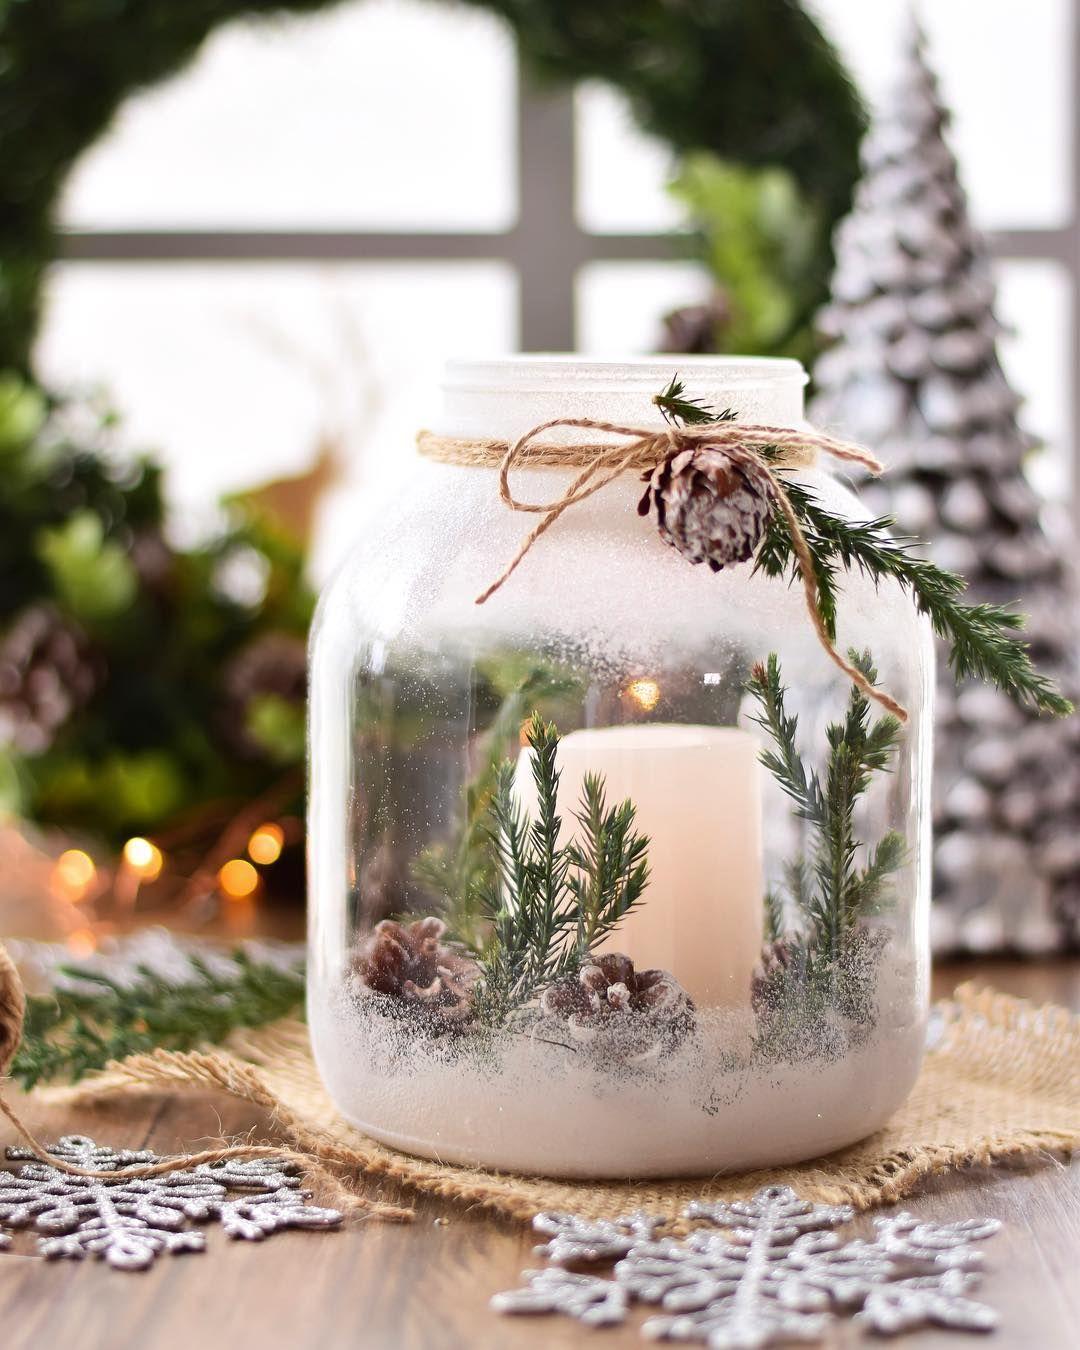 Коледен свещник с елхови клонки